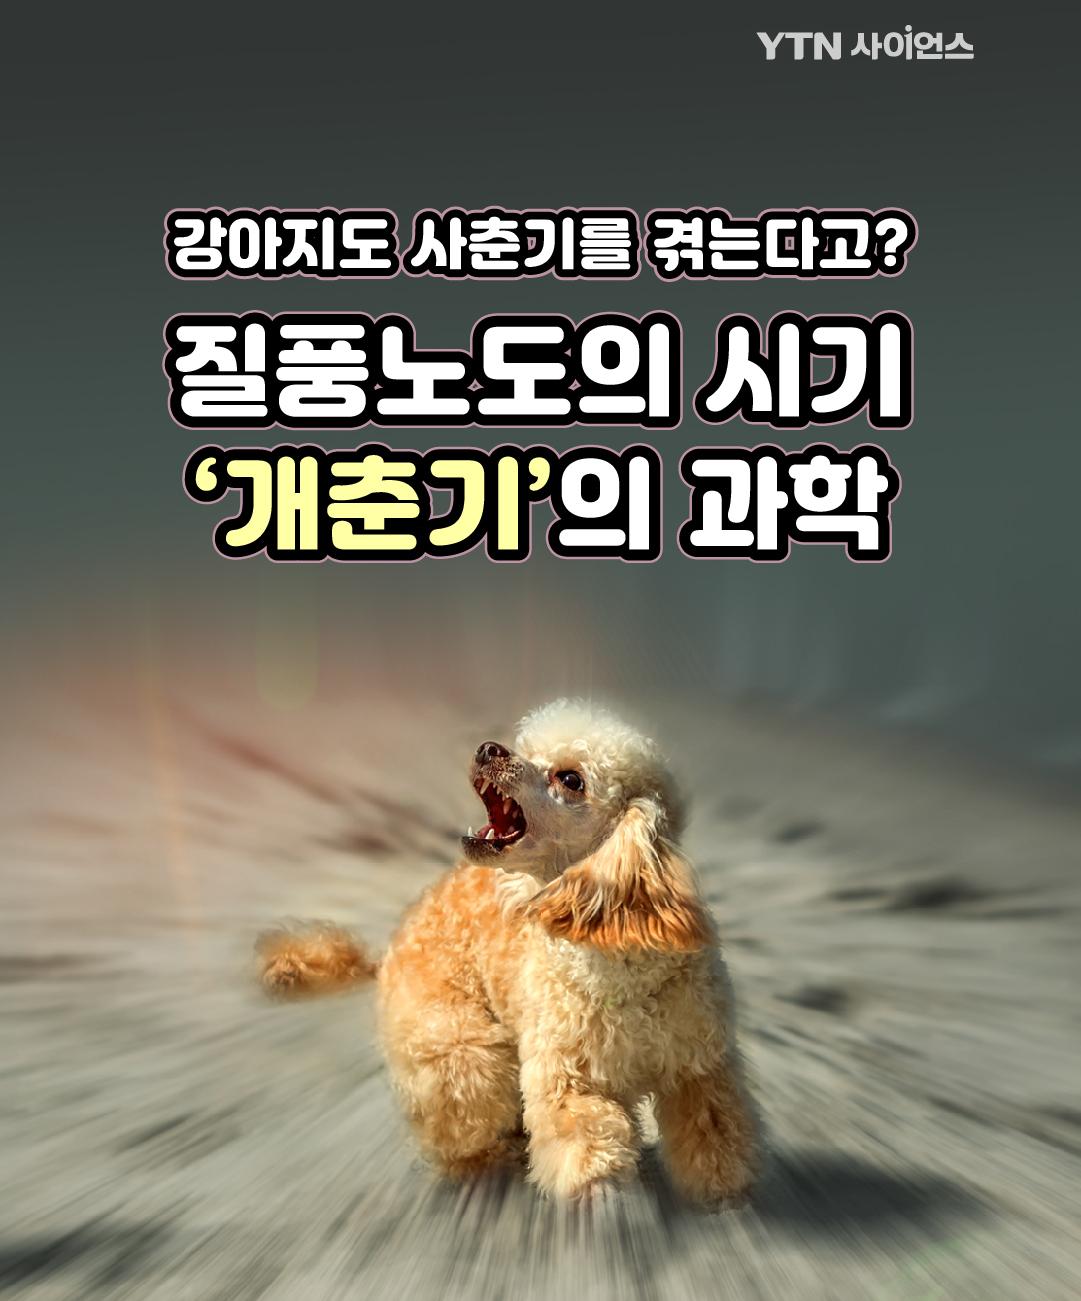 강아지도 사춘기를 겪는다고? 질풍노도의 시기 '개춘기'의 과학 이미지